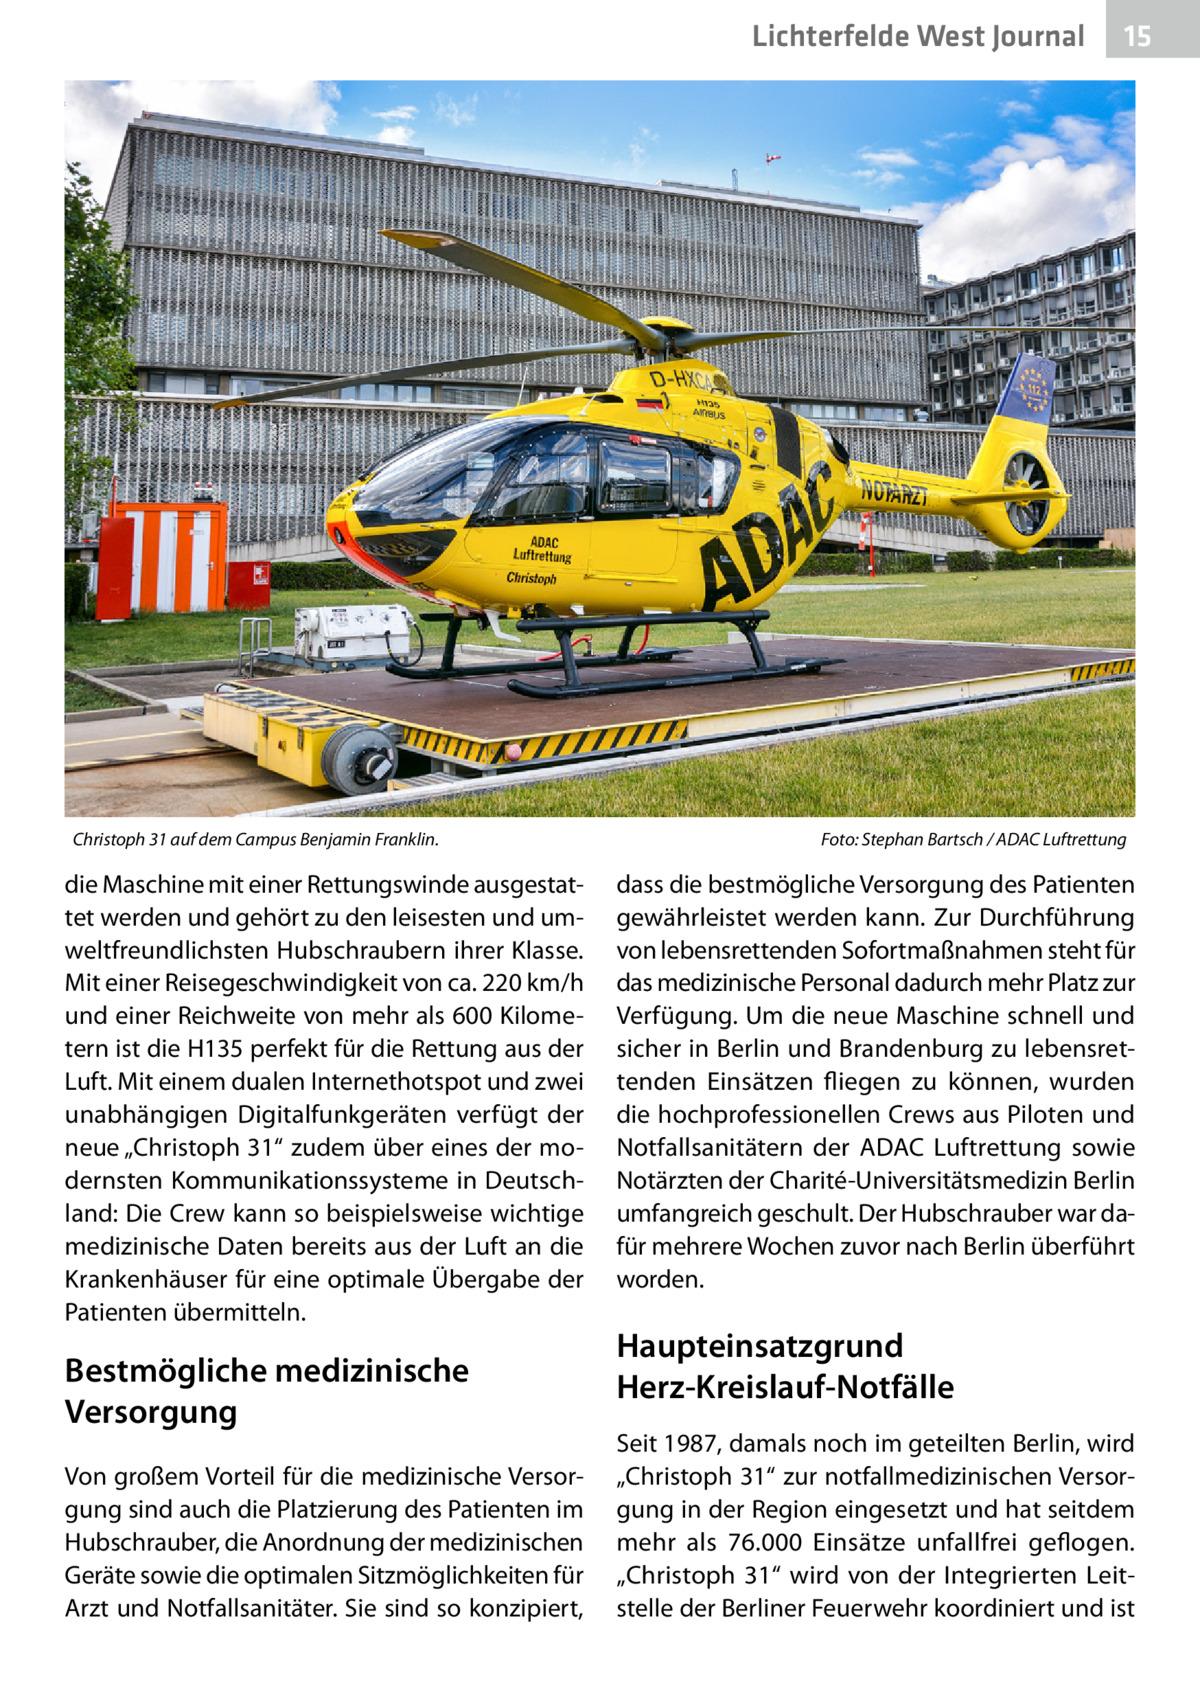 """Lichterfelde West Journal  Christoph 31 auf dem Campus Benjamin Franklin.�  die Maschine mit einer Rettungswinde ausgestattet werden und gehört zu den leisesten und umweltfreundlichsten Hubschraubern ihrer Klasse. Mit einer Reisegeschwindigkeit von ca. 220km/h und einer Reichweite von mehr als 600Kilometern ist die H135 perfekt für die Rettung aus der Luft. Mit einem dualen Internethotspot und zwei unabhängigen Digitalfunkgeräten verfügt der neue """"Christoph31"""" zudem über eines der modernsten Kommunikationssysteme in Deutschland: Die Crew kann so beispielsweise wichtige medizinische Daten bereits aus der Luft an die Krankenhäuser für eine optimale Übergabe der Patienten übermitteln.  Bestmögliche medizinische Versorgung Von großem Vorteil für die medizinische Versorgung sind auch die Platzierung des Patienten im Hubschrauber, die Anordnung der medizinischen Geräte sowie die optimalen Sitzmöglichkeiten für Arzt und Notfallsanitäter. Sie sind so konzipiert,  15 15  Foto: Stephan Bartsch / ADAC Luftrettung  dass die bestmögliche Versorgung des Patienten gewährleistet werden kann. Zur Durchführung von lebensrettenden Sofortmaßnahmen steht für das medizinische Personal dadurch mehr Platz zur Verfügung. Um die neue Maschine schnell und sicher in Berlin und Brandenburg zu lebensrettenden Einsätzen fliegen zu können, wurden die hochprofessionellen Crews aus Piloten und Notfallsanitätern der ADAC Luftrettung sowie Notärzten der Charité-Universitätsmedizin Berlin umfangreich geschult. Der Hubschrauber war dafür mehrere Wochen zuvor nach Berlin überführt worden.  Haupteinsatzgrund Herz-Kreislauf-Notfälle Seit 1987, damals noch im geteilten Berlin, wird """"Christoph31"""" zur notfallmedizinischen Versorgung in der Region eingesetzt und hat seitdem mehr als 76.000 Einsätze unfallfrei geflogen. """"Christoph 31"""" wird von der Integrierten Leitstelle der Berliner Feuerwehr koordiniert und ist"""